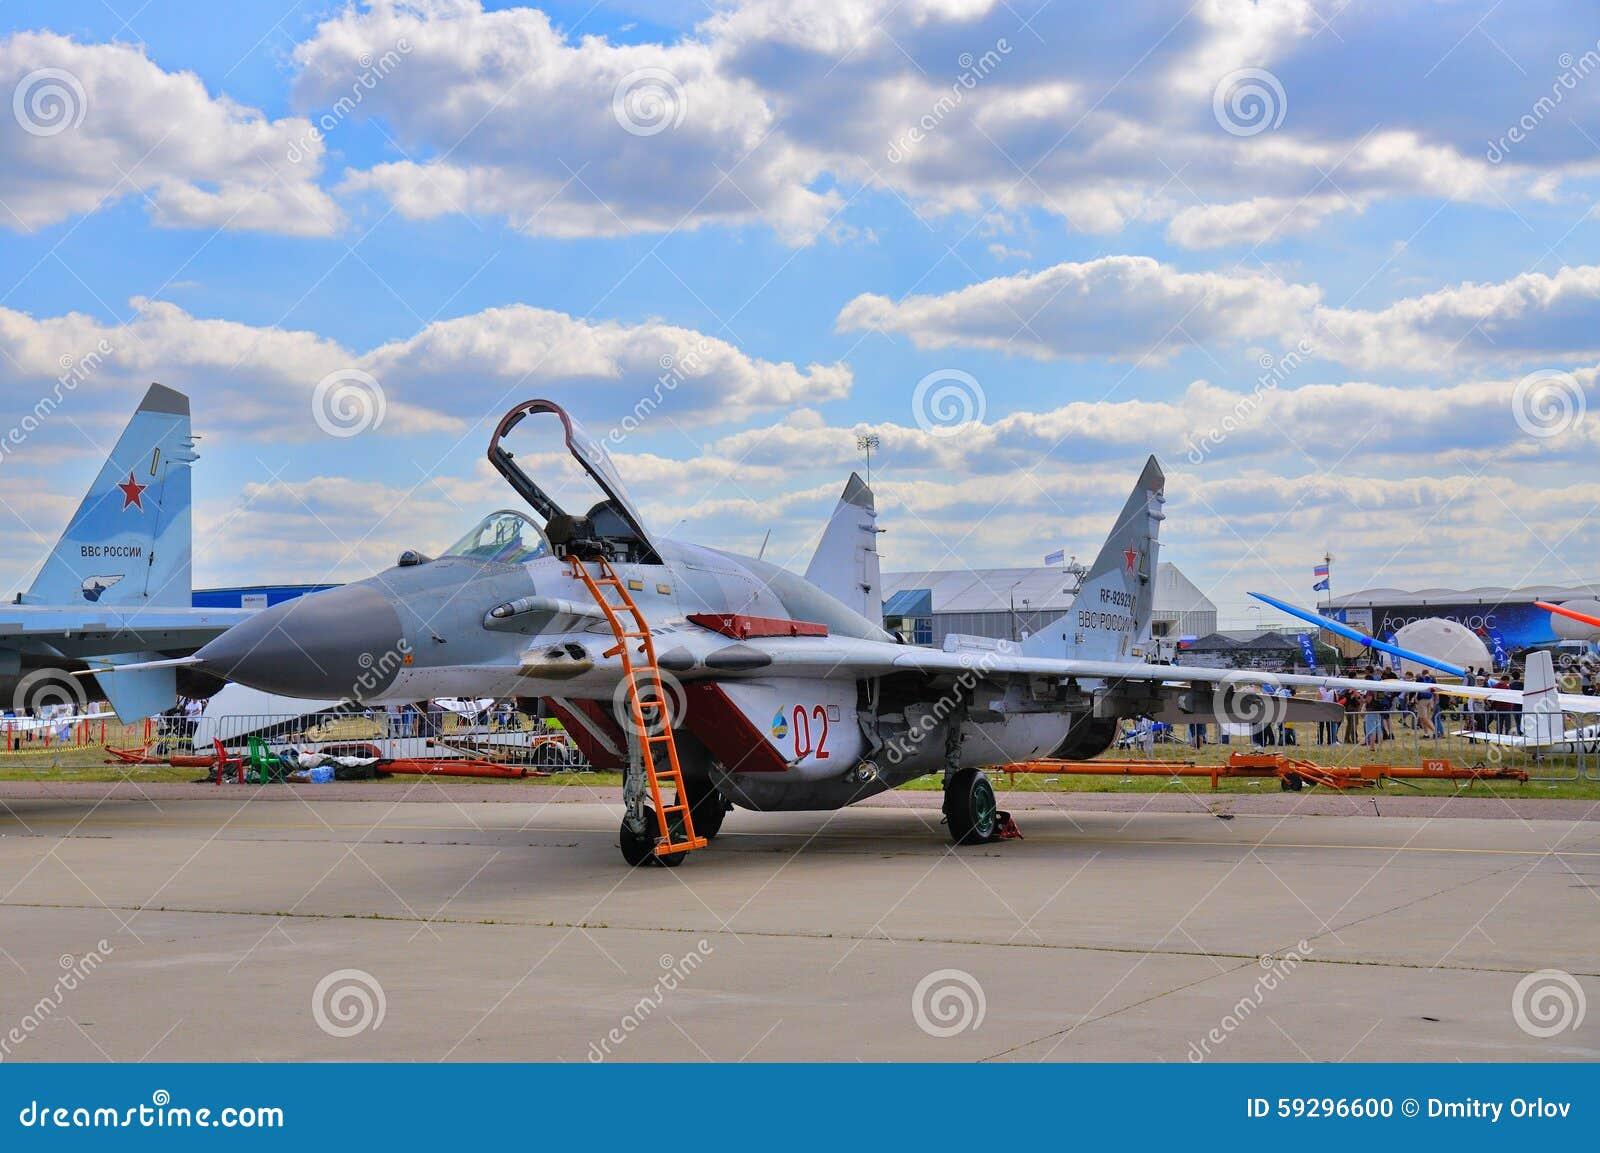 MOSCA, RUSSIA - AGOSTO 2015: fulcro dell aereo da caccia MiG-29 prese